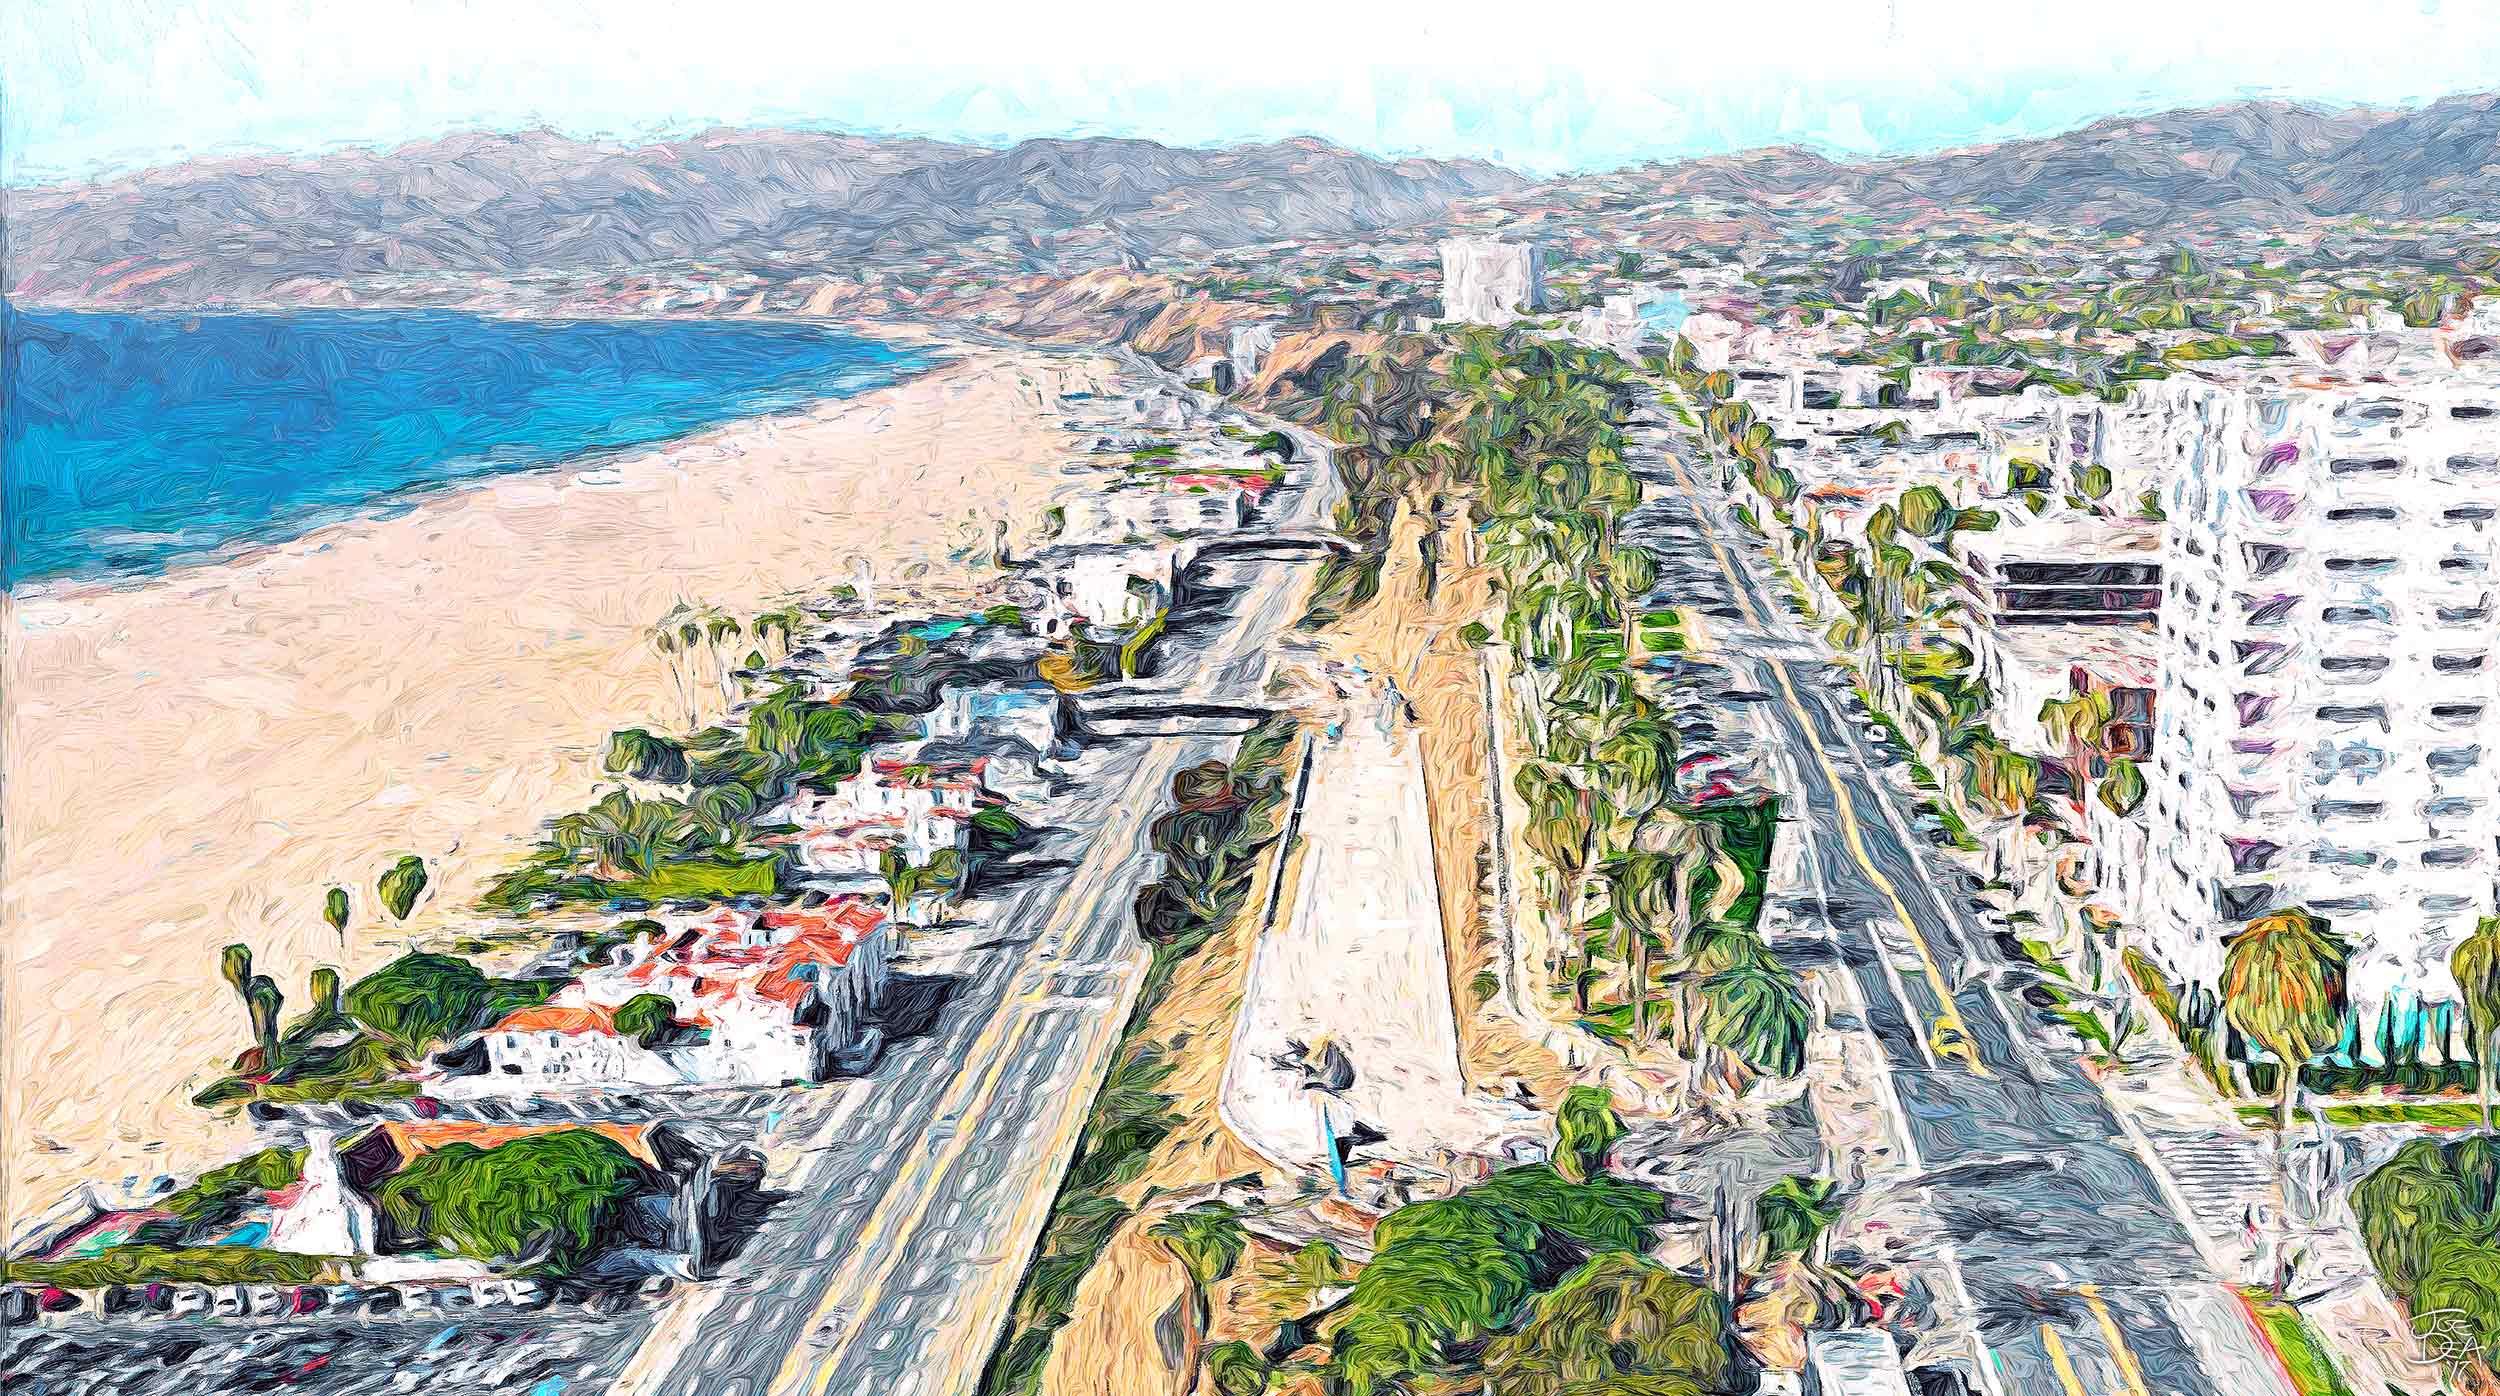 Joe-Dea-PCH-Santa-Monica-painting-web-LB.jpg